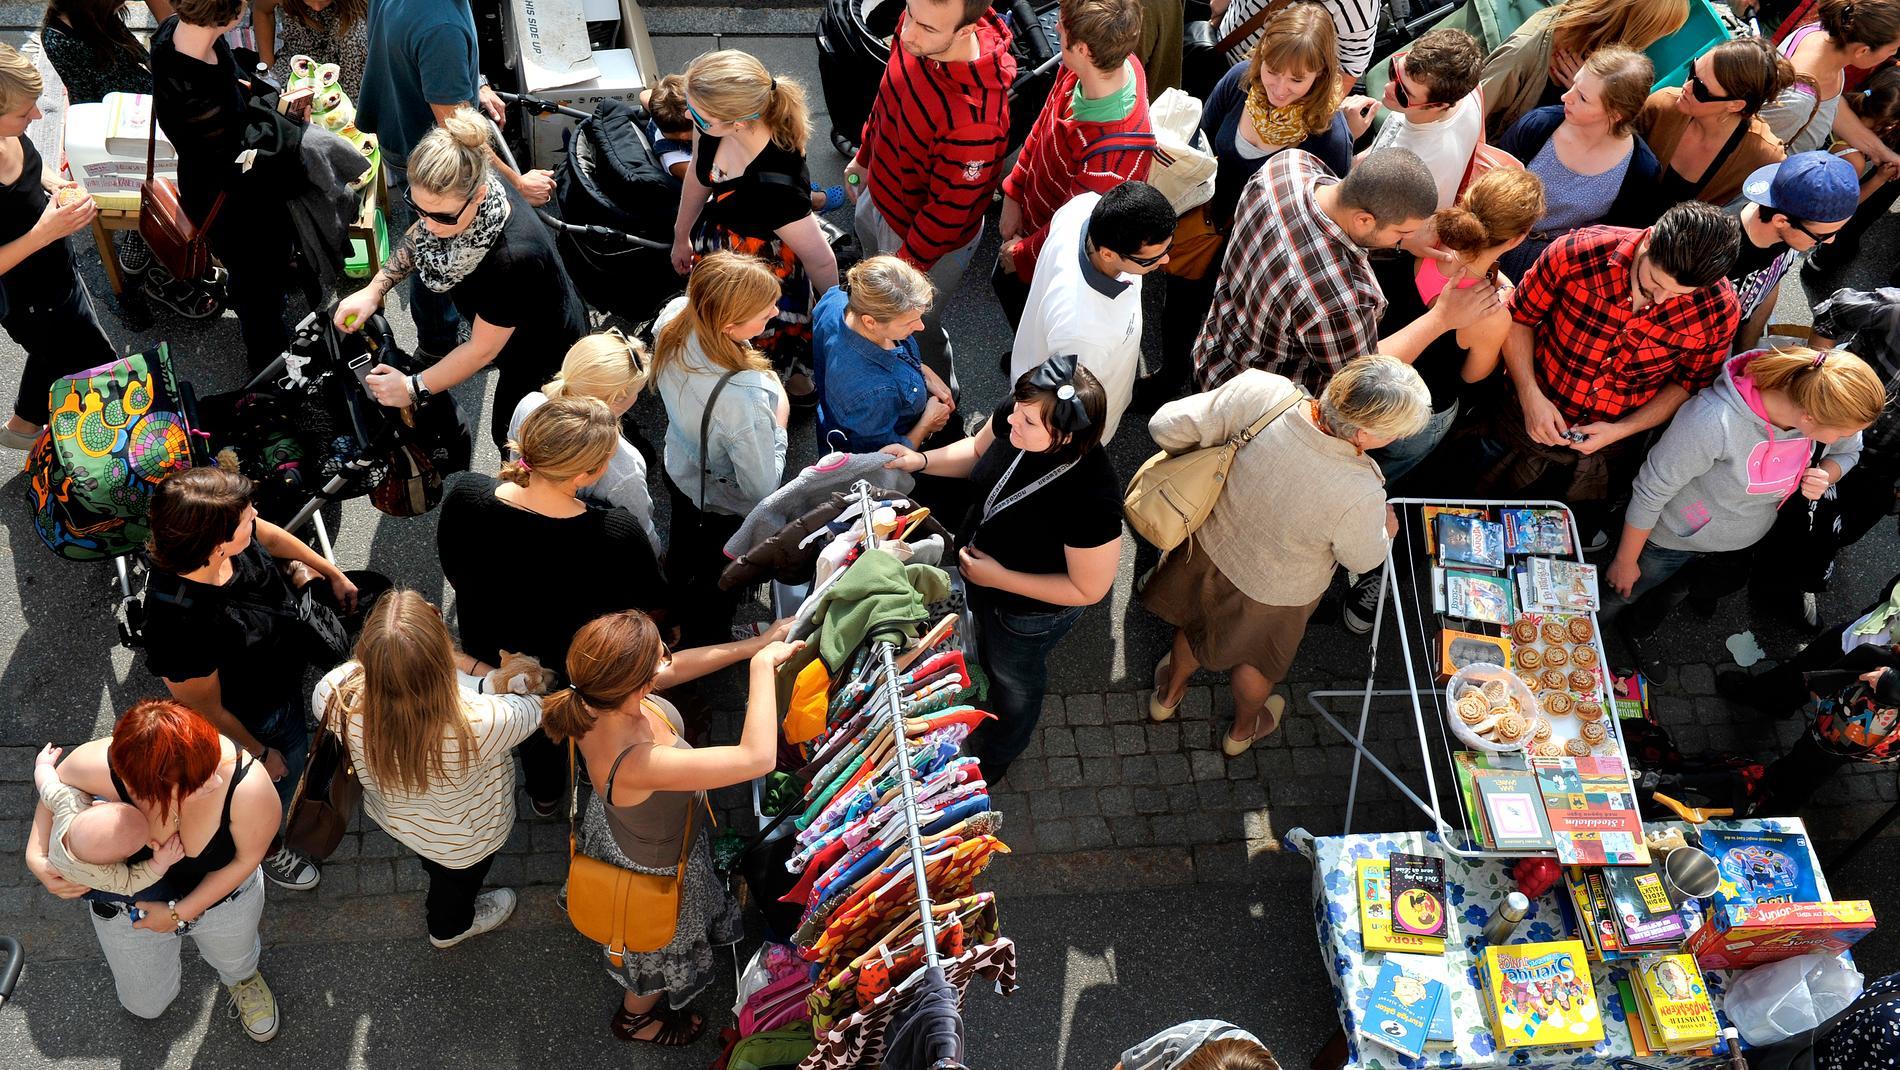 Polisen i Malmö arbetar tillsammans med flera myndigheter för att komma åt parallella, ofta illegala, samhällsstrukturer. Tillslag mot loppmarknader ingår i det arbetet. Bilden är tagen vid en annan loppis.